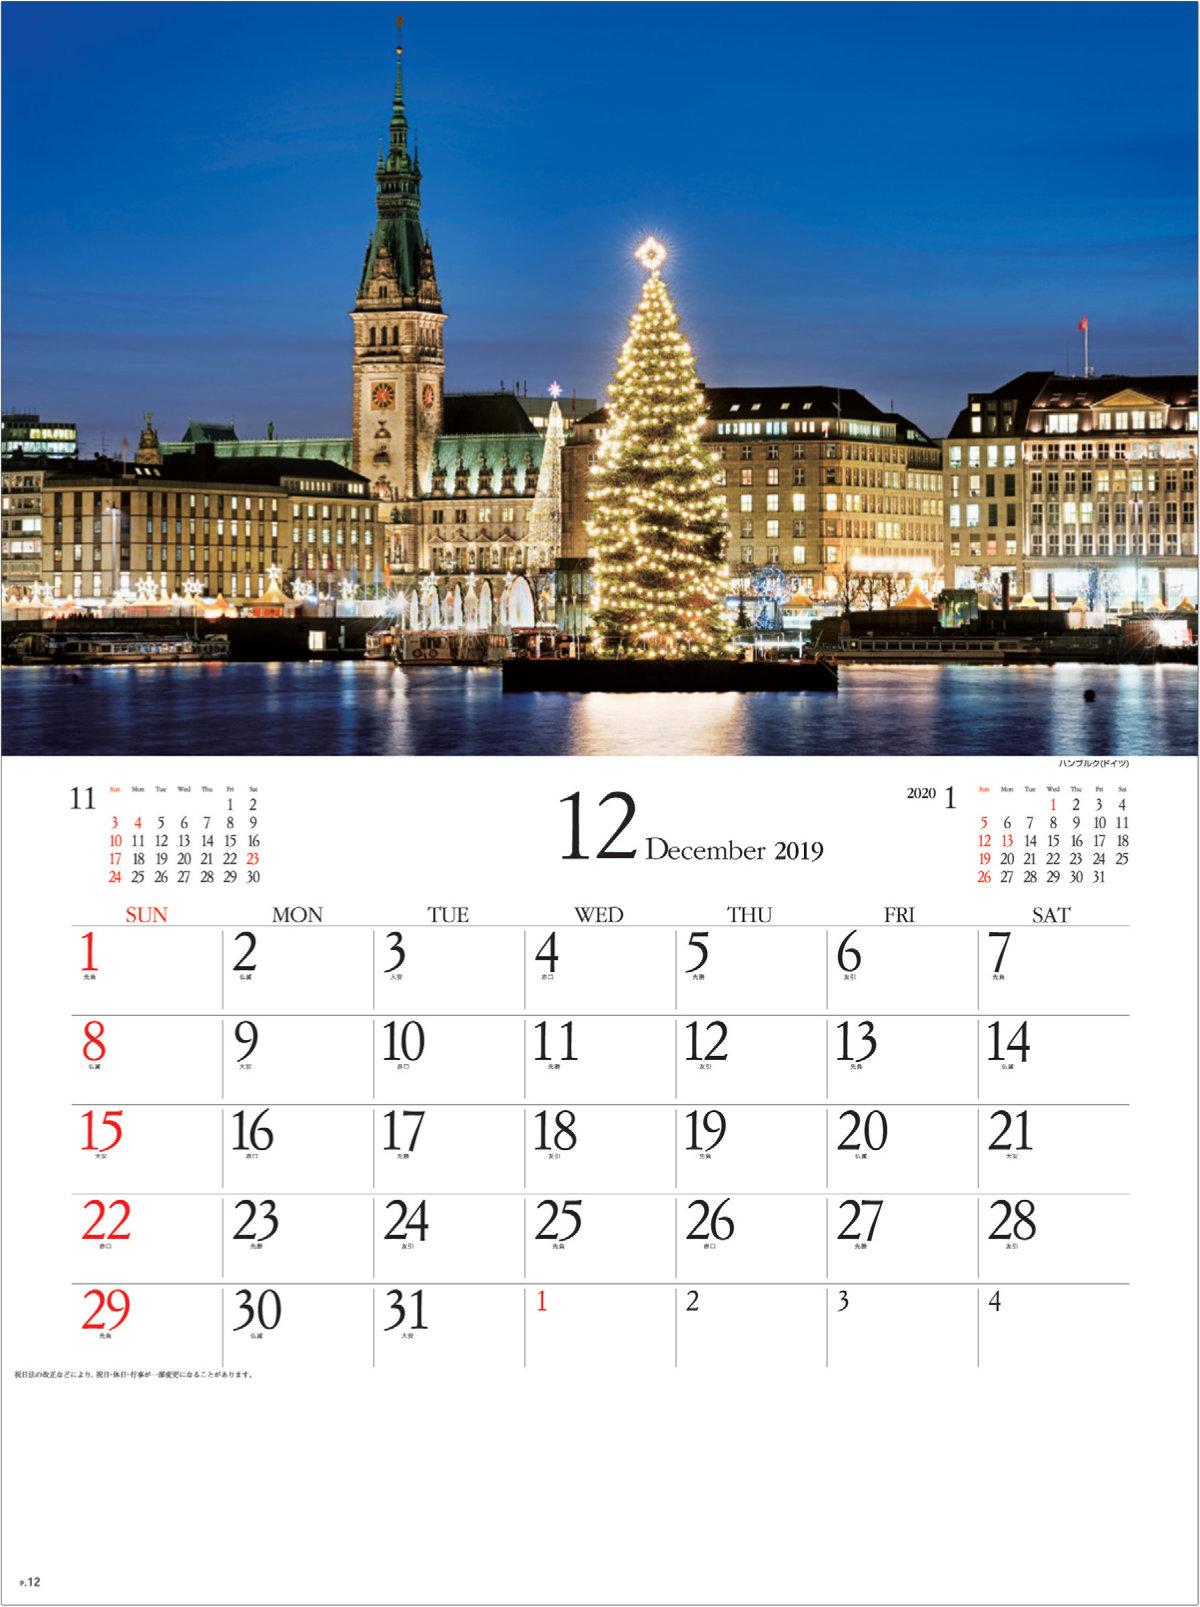 画像:ハンブルグのクリスマスツリー(ドイツ) エンドレスシティ・世界の夜景 2019年カレンダー